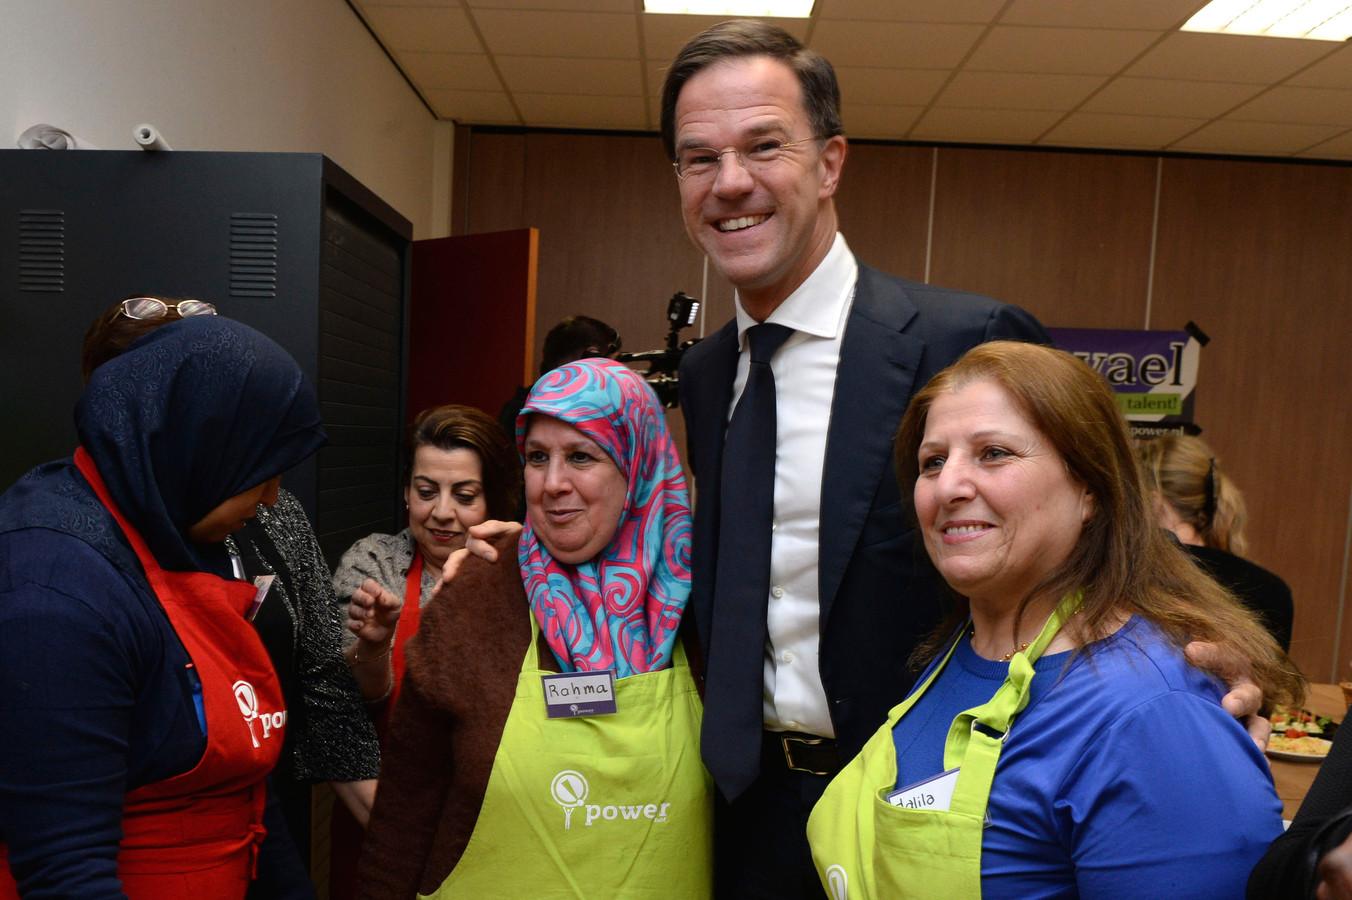 Enschede - Werkbezoek premier Rutte aan Enschede, Rutte bezoekt 't Ni-je terphoes.